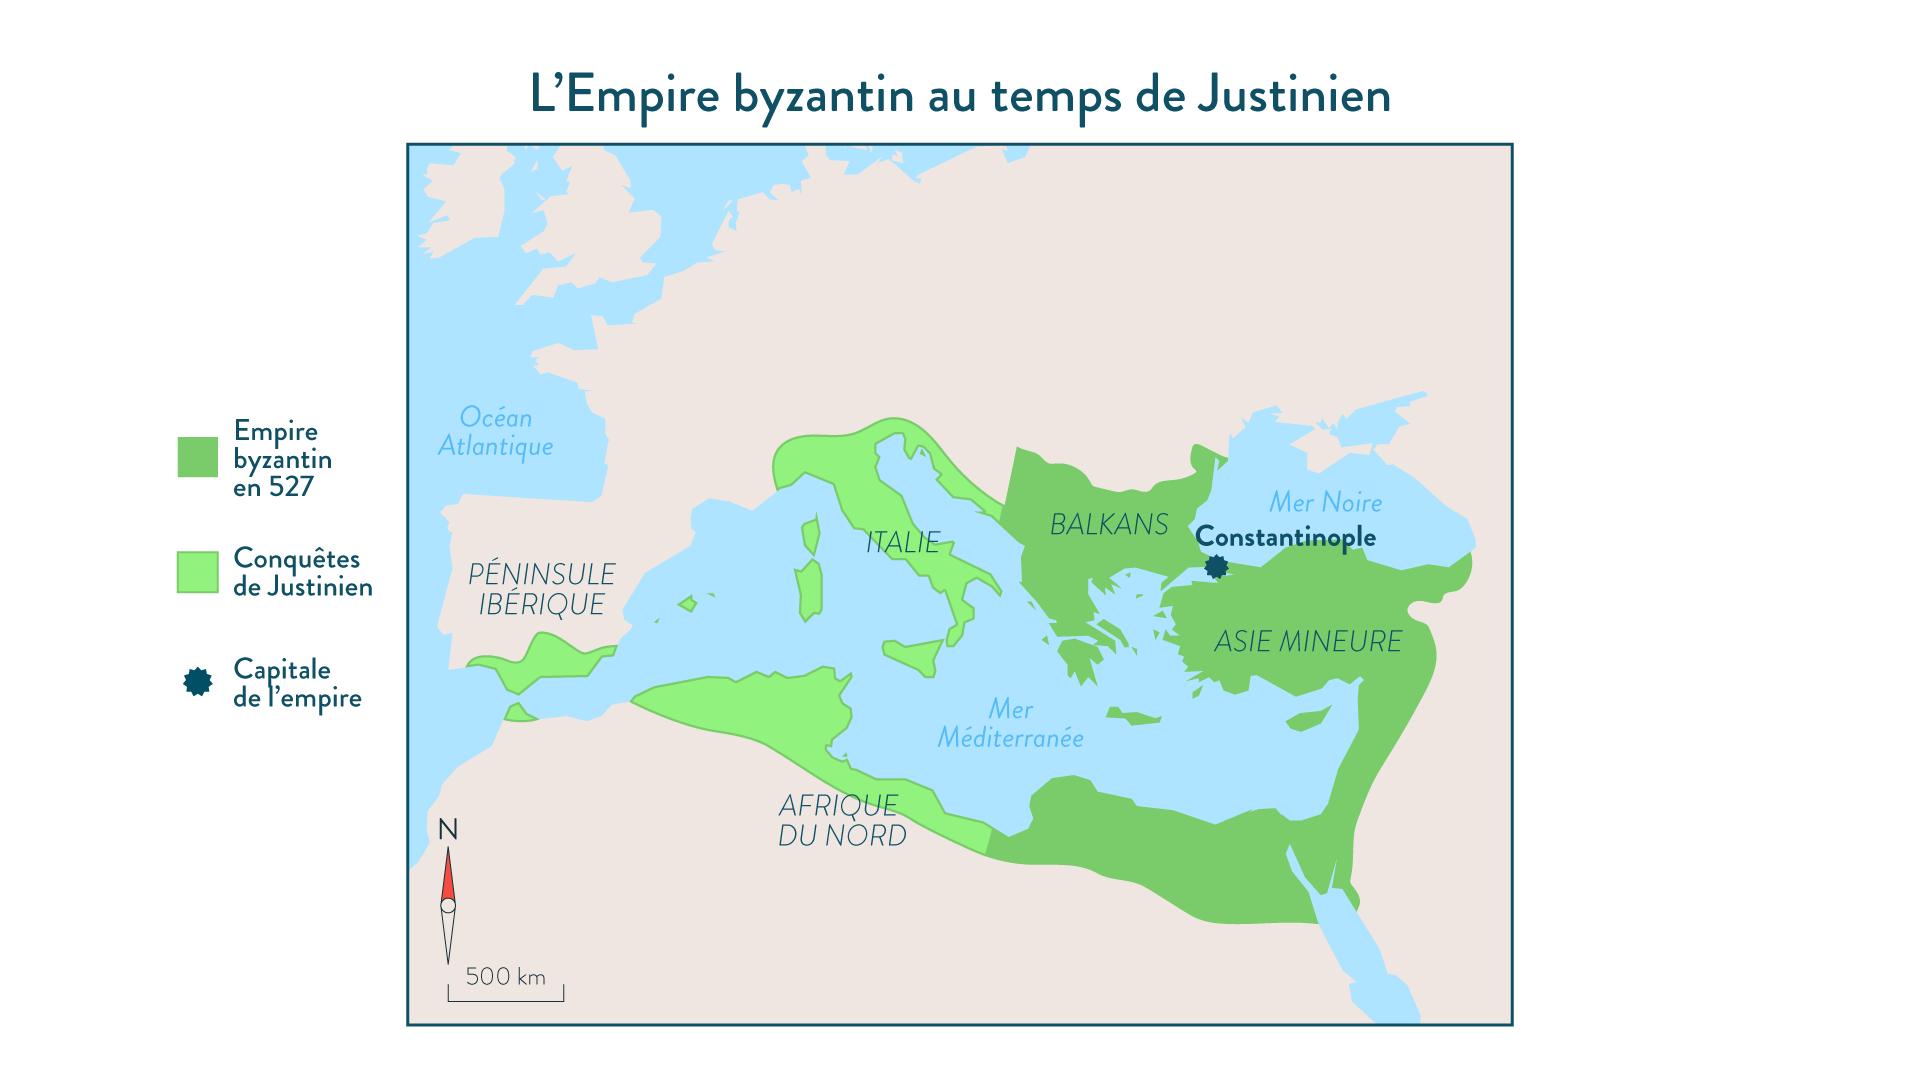 L'Empire byzantin au temps de Justinien - Hsitoire - 2de - SchoolMouv